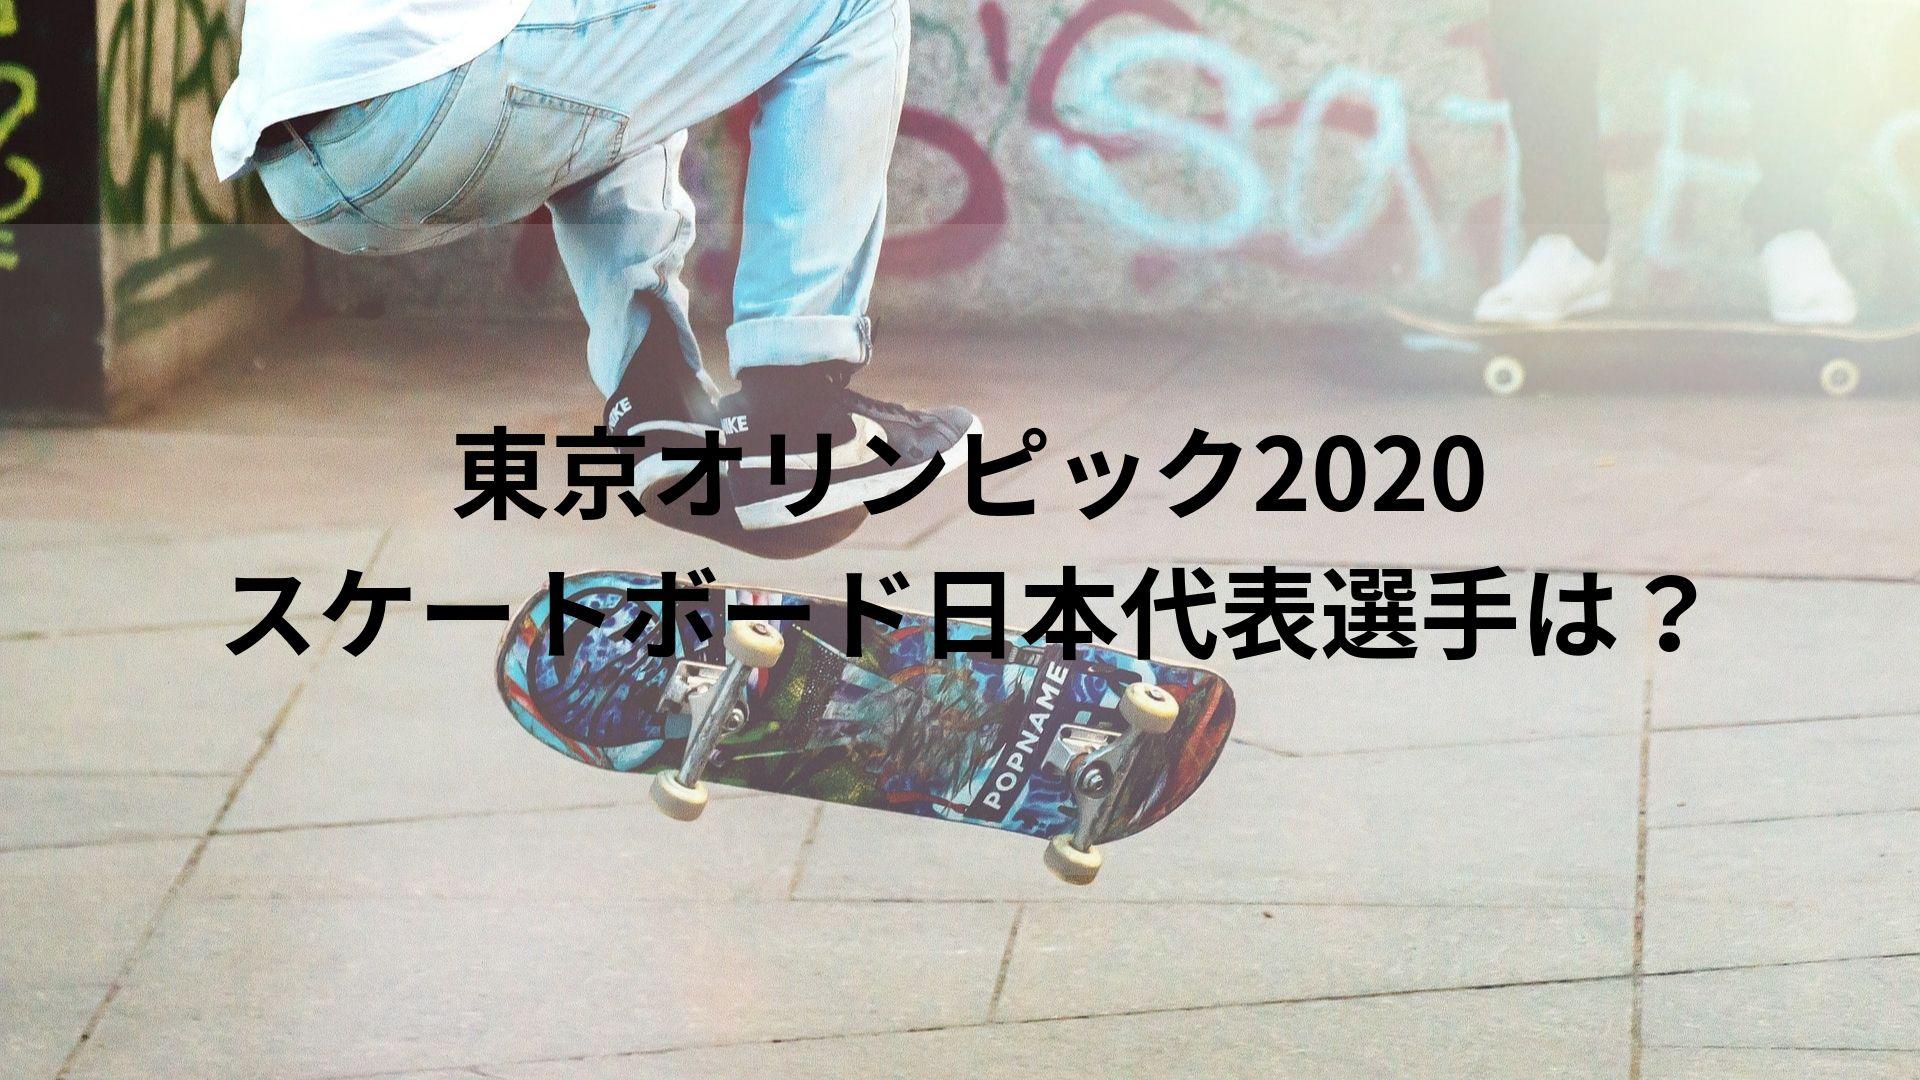 東京オリンピックスケートボード日本代表